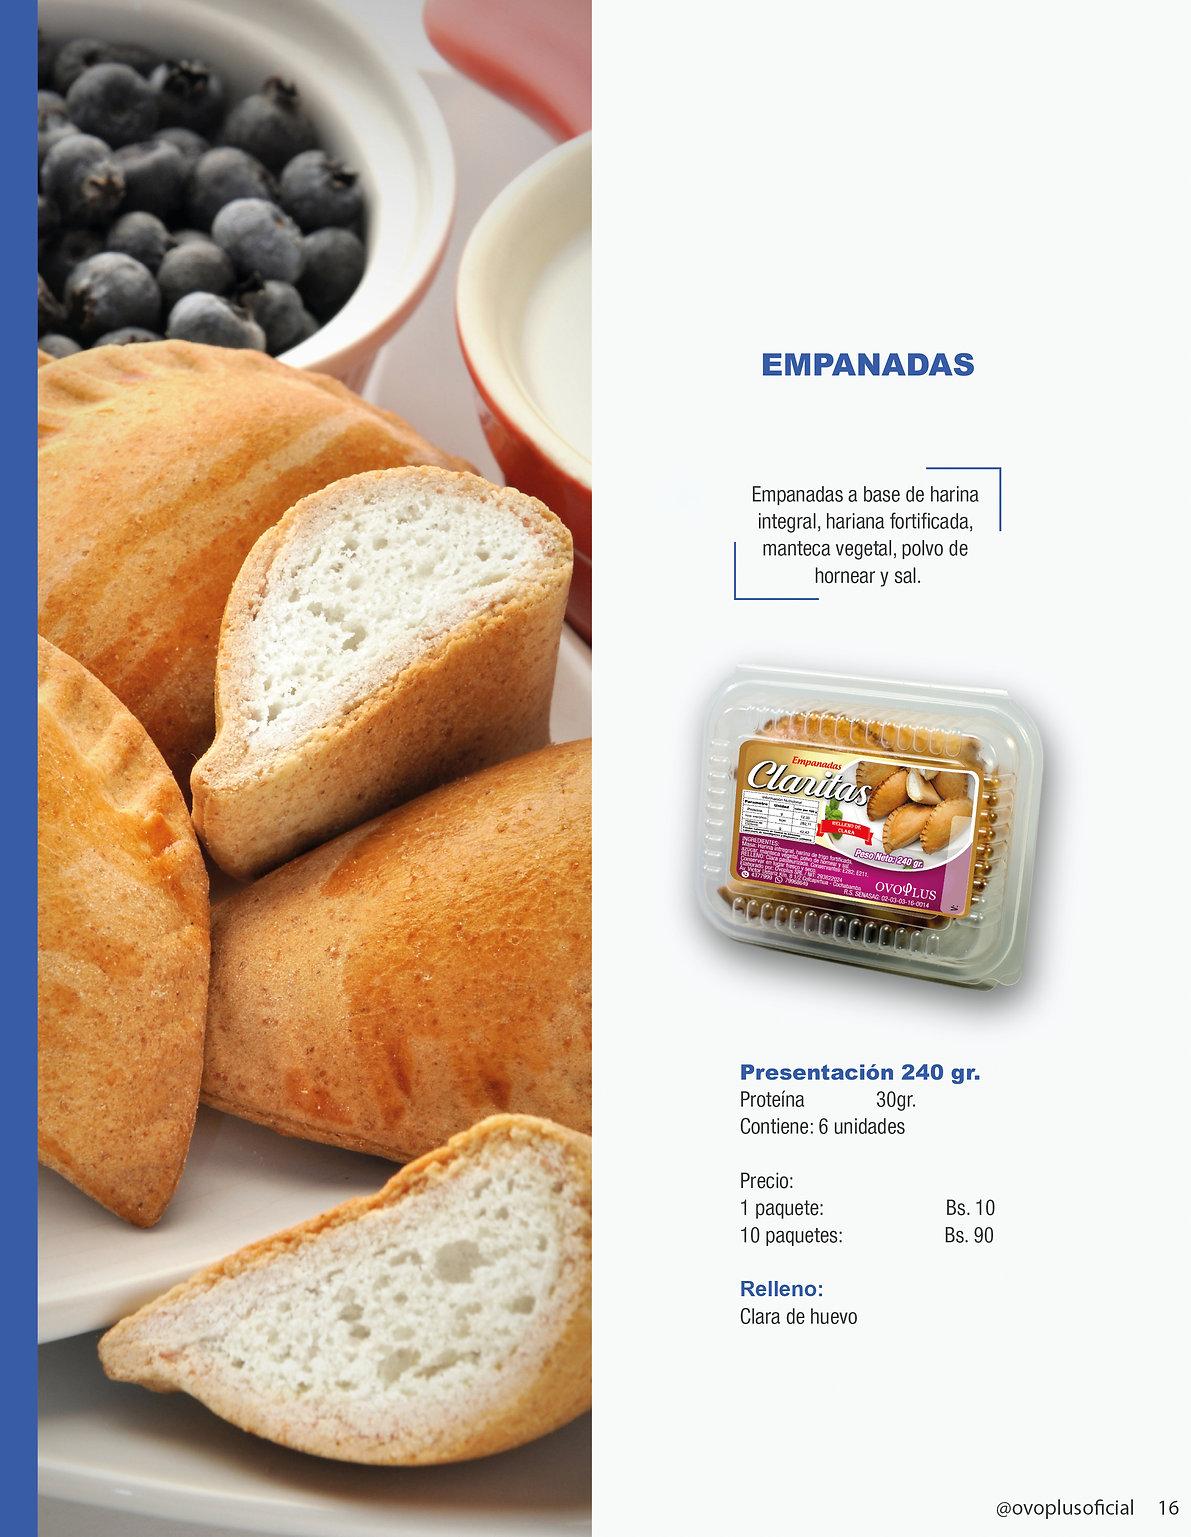 16 Empanadas.jpg